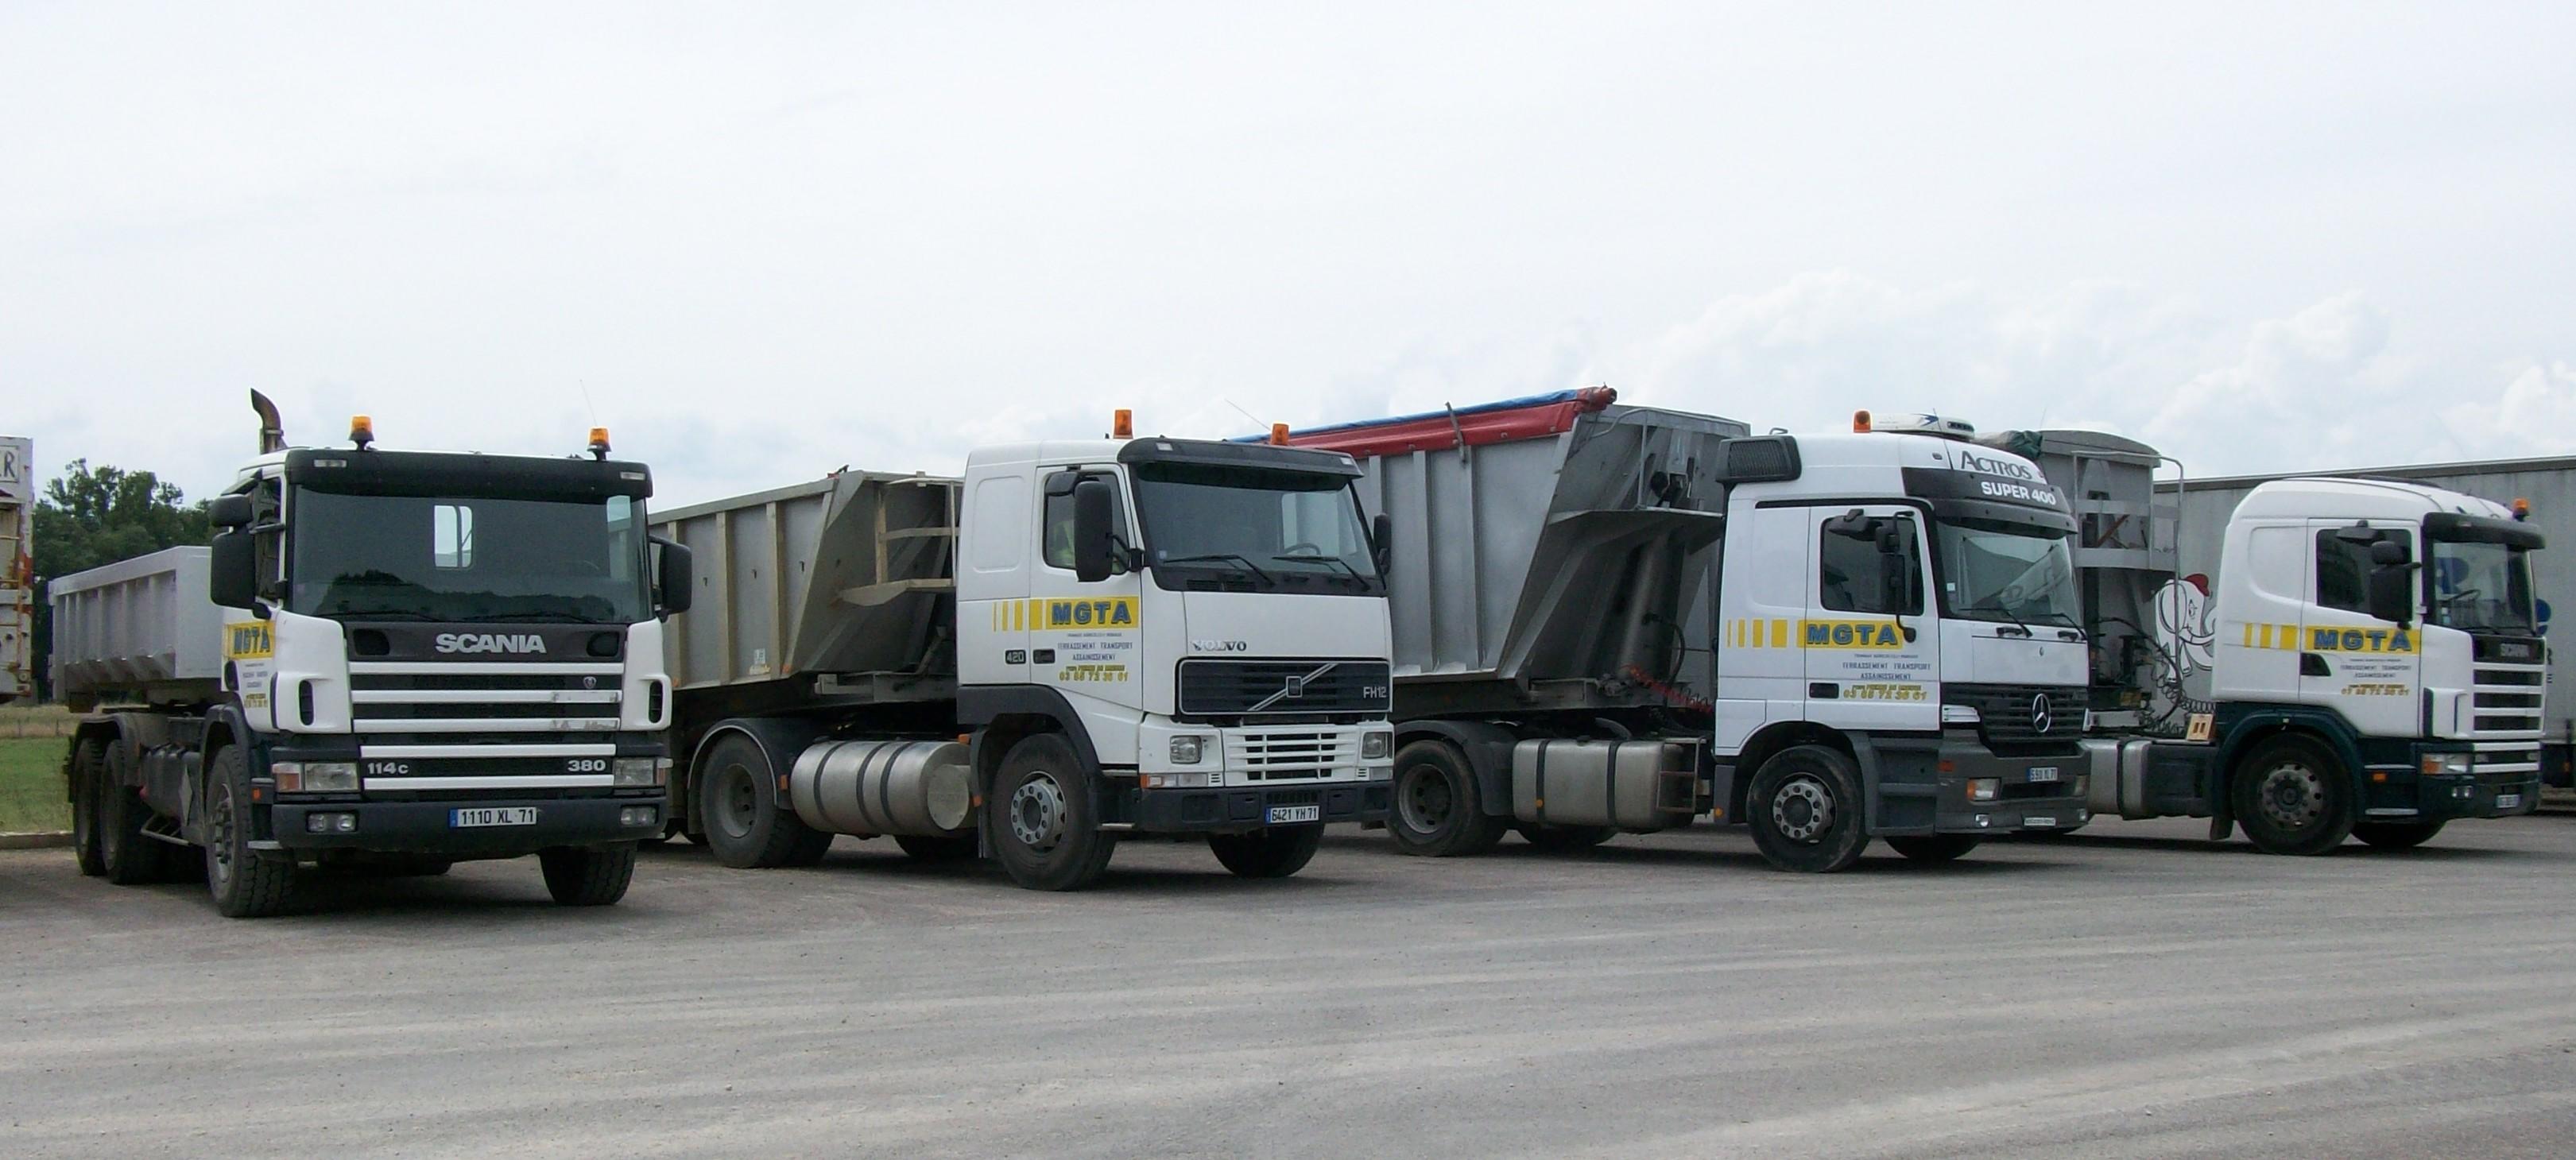 Transport de marchandises - Camion benne americain ...